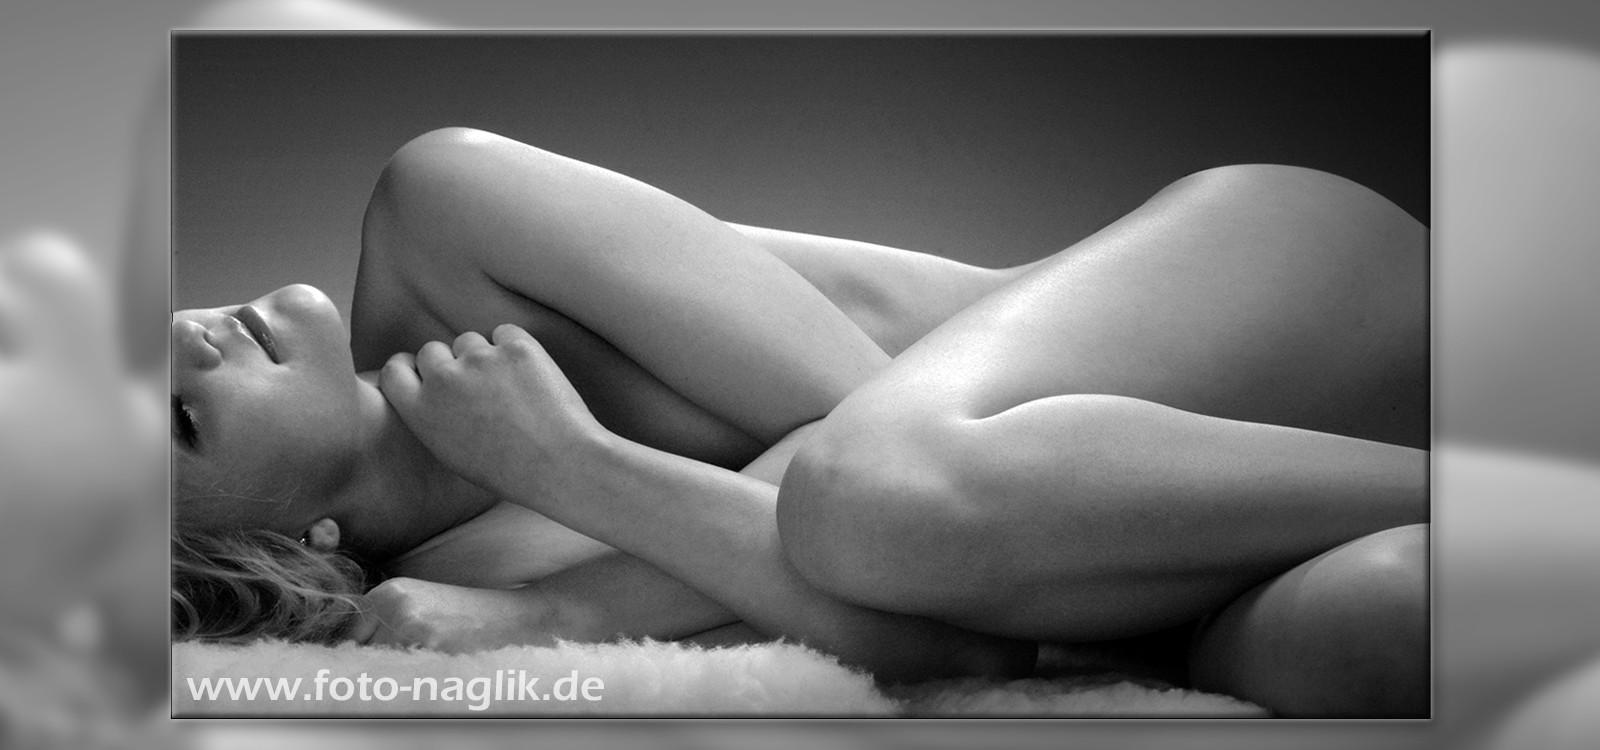 Naglik-Foto-Erding-Akt-S200